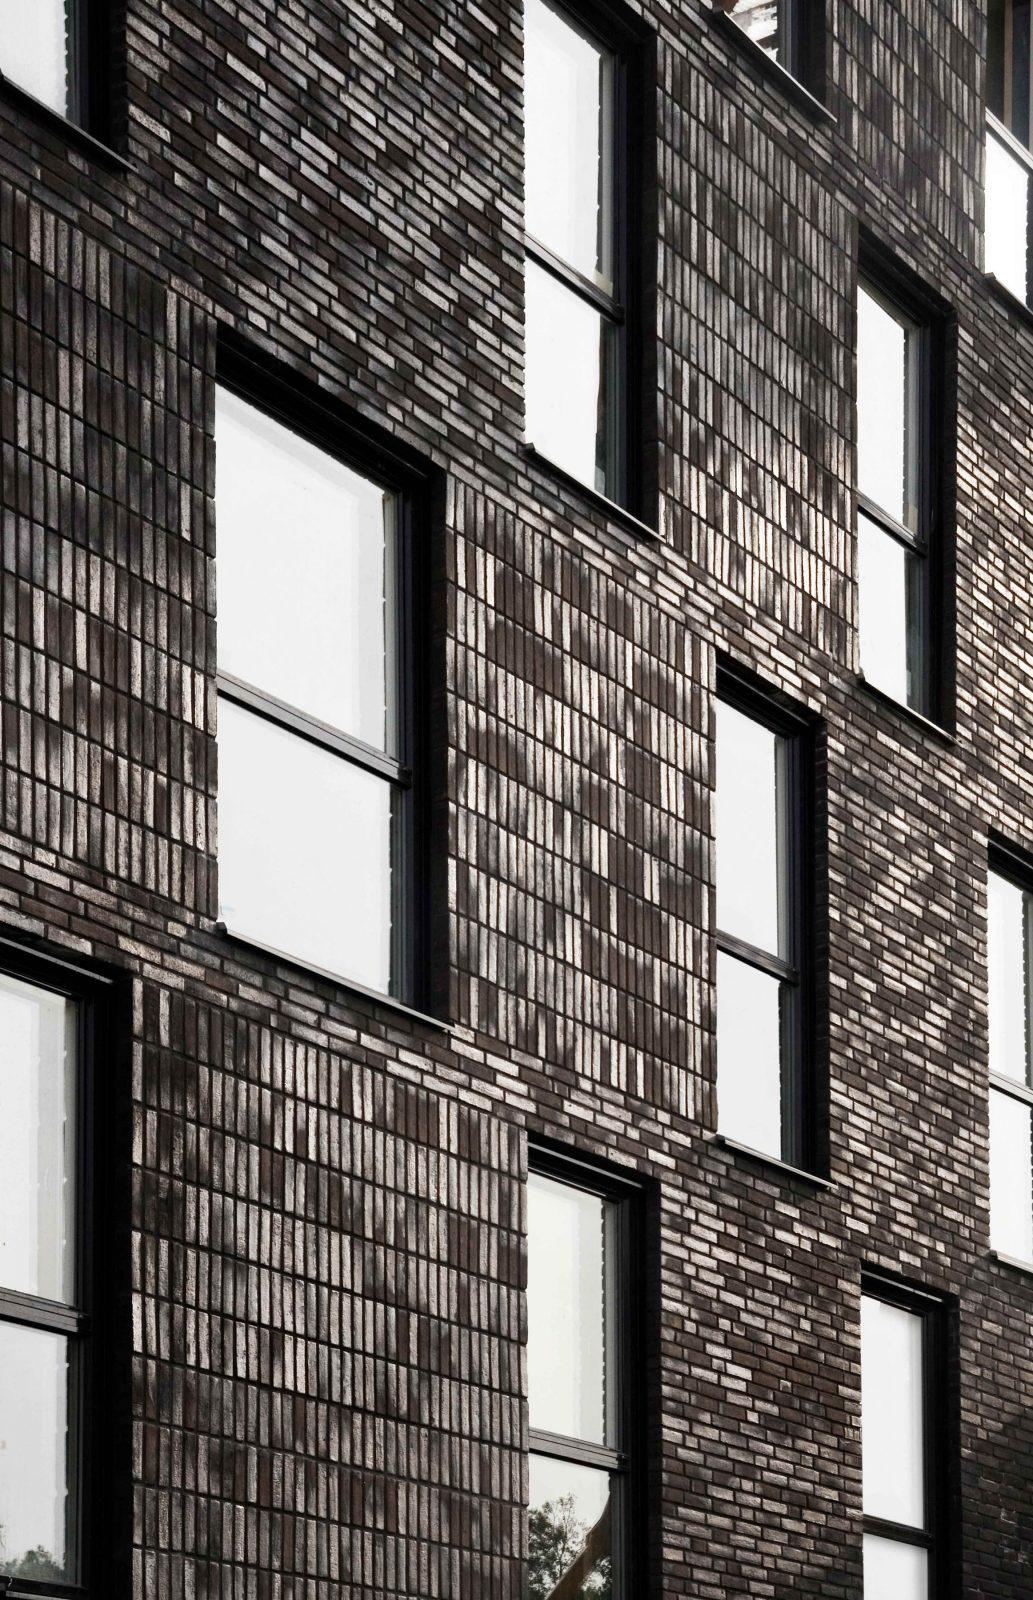 KjellanderSjoberg Annedalsterrassen facade detail